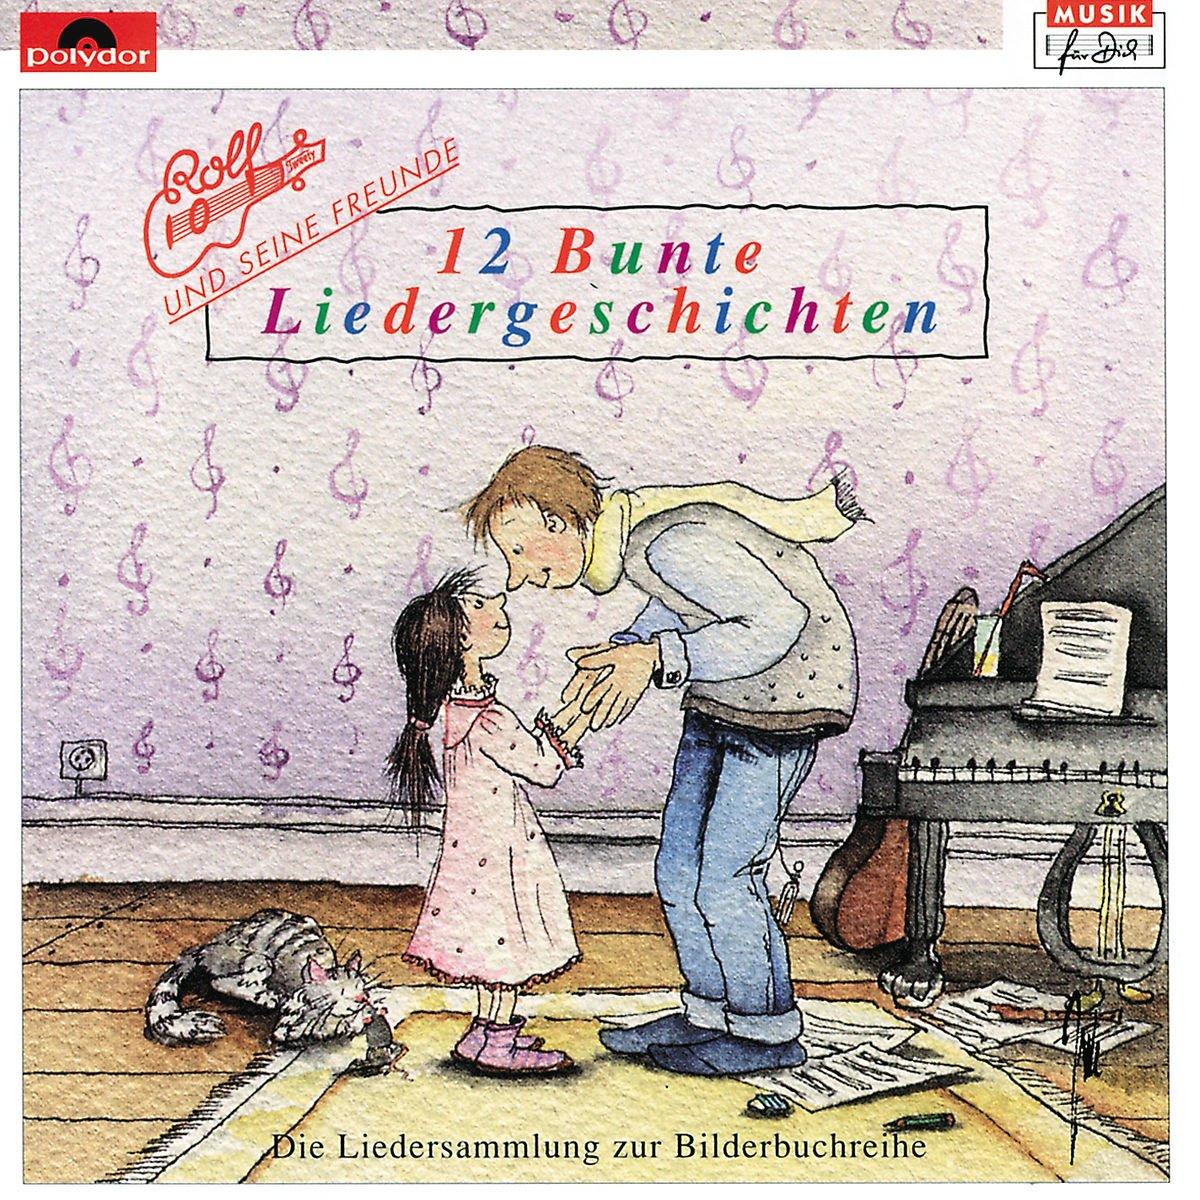 CD : Rolf Zuckowski - 12 Bunte Liedergeschichten (Germany - Import)